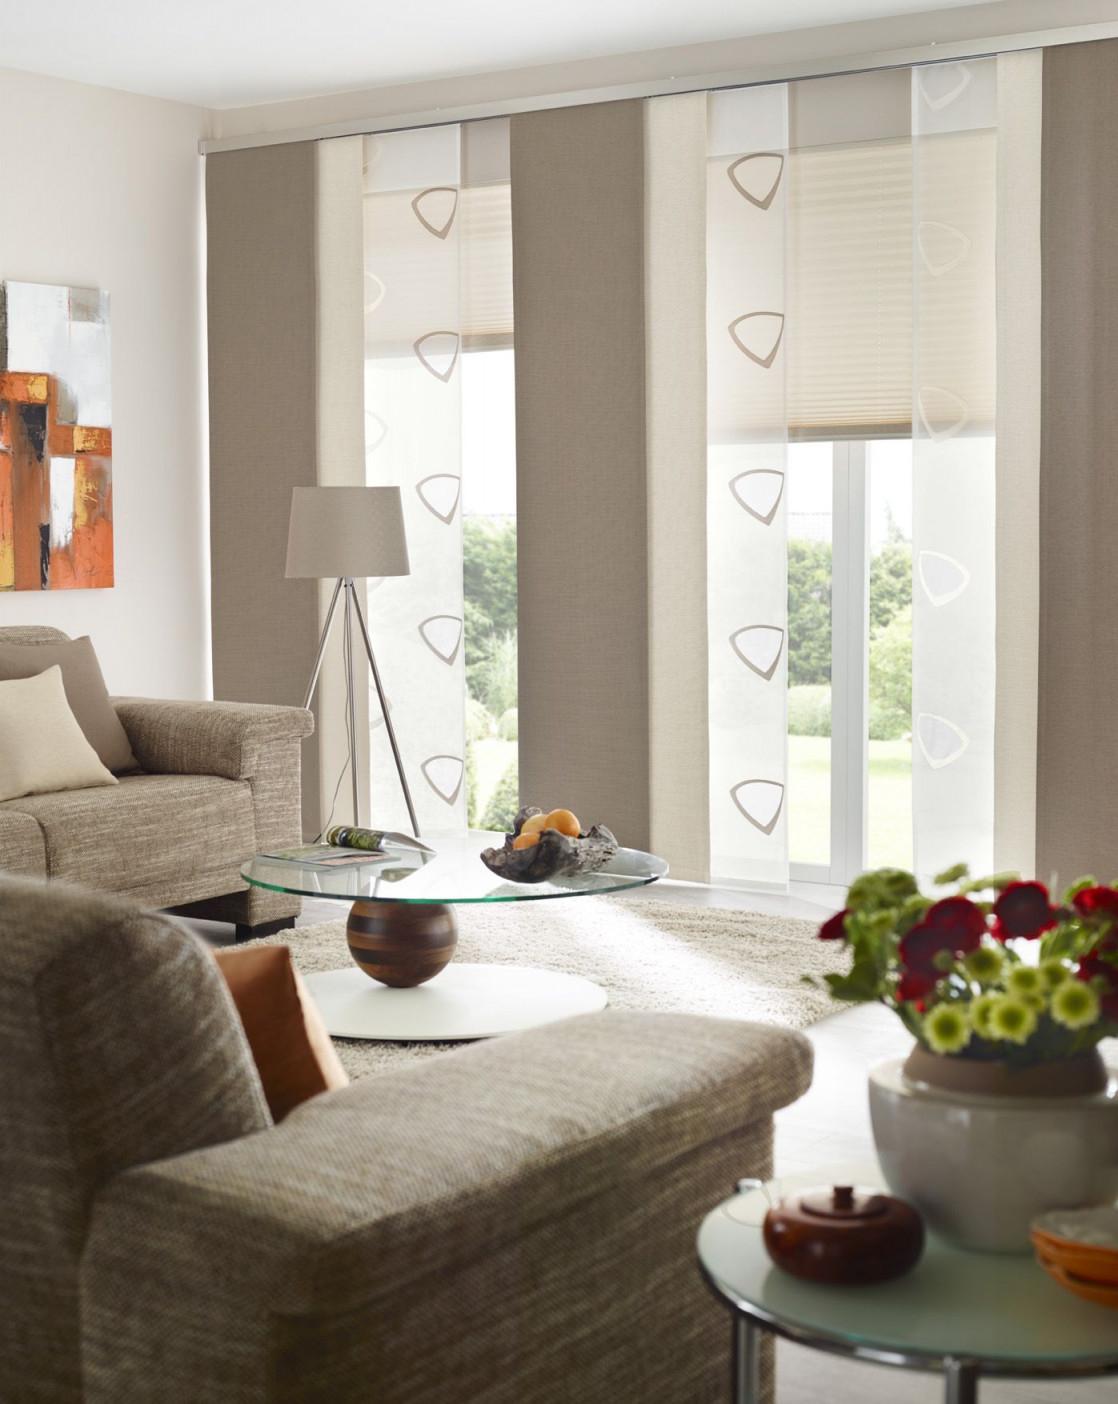 Fenster Urbansteel Gardinen Dekostoffe Vorhang von Gardinen Farbe Wohnzimmer Photo